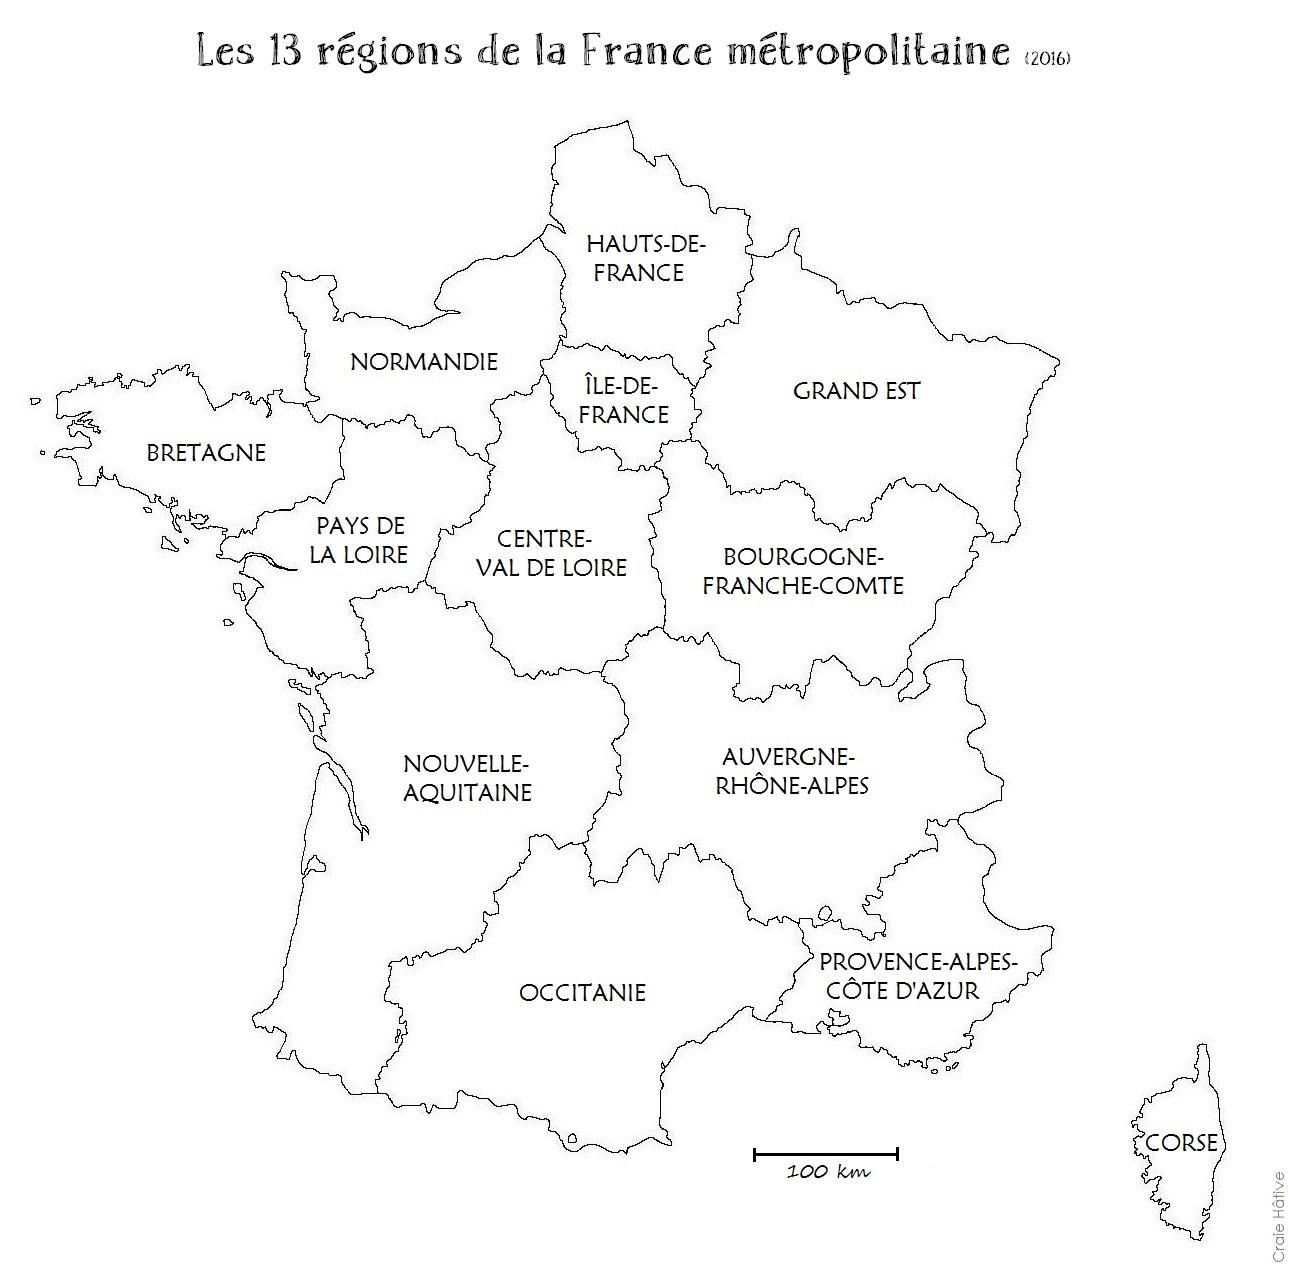 Cartes Des Régions De La France Métropolitaine - 2016 avec Nouvelles Régions De France 2016